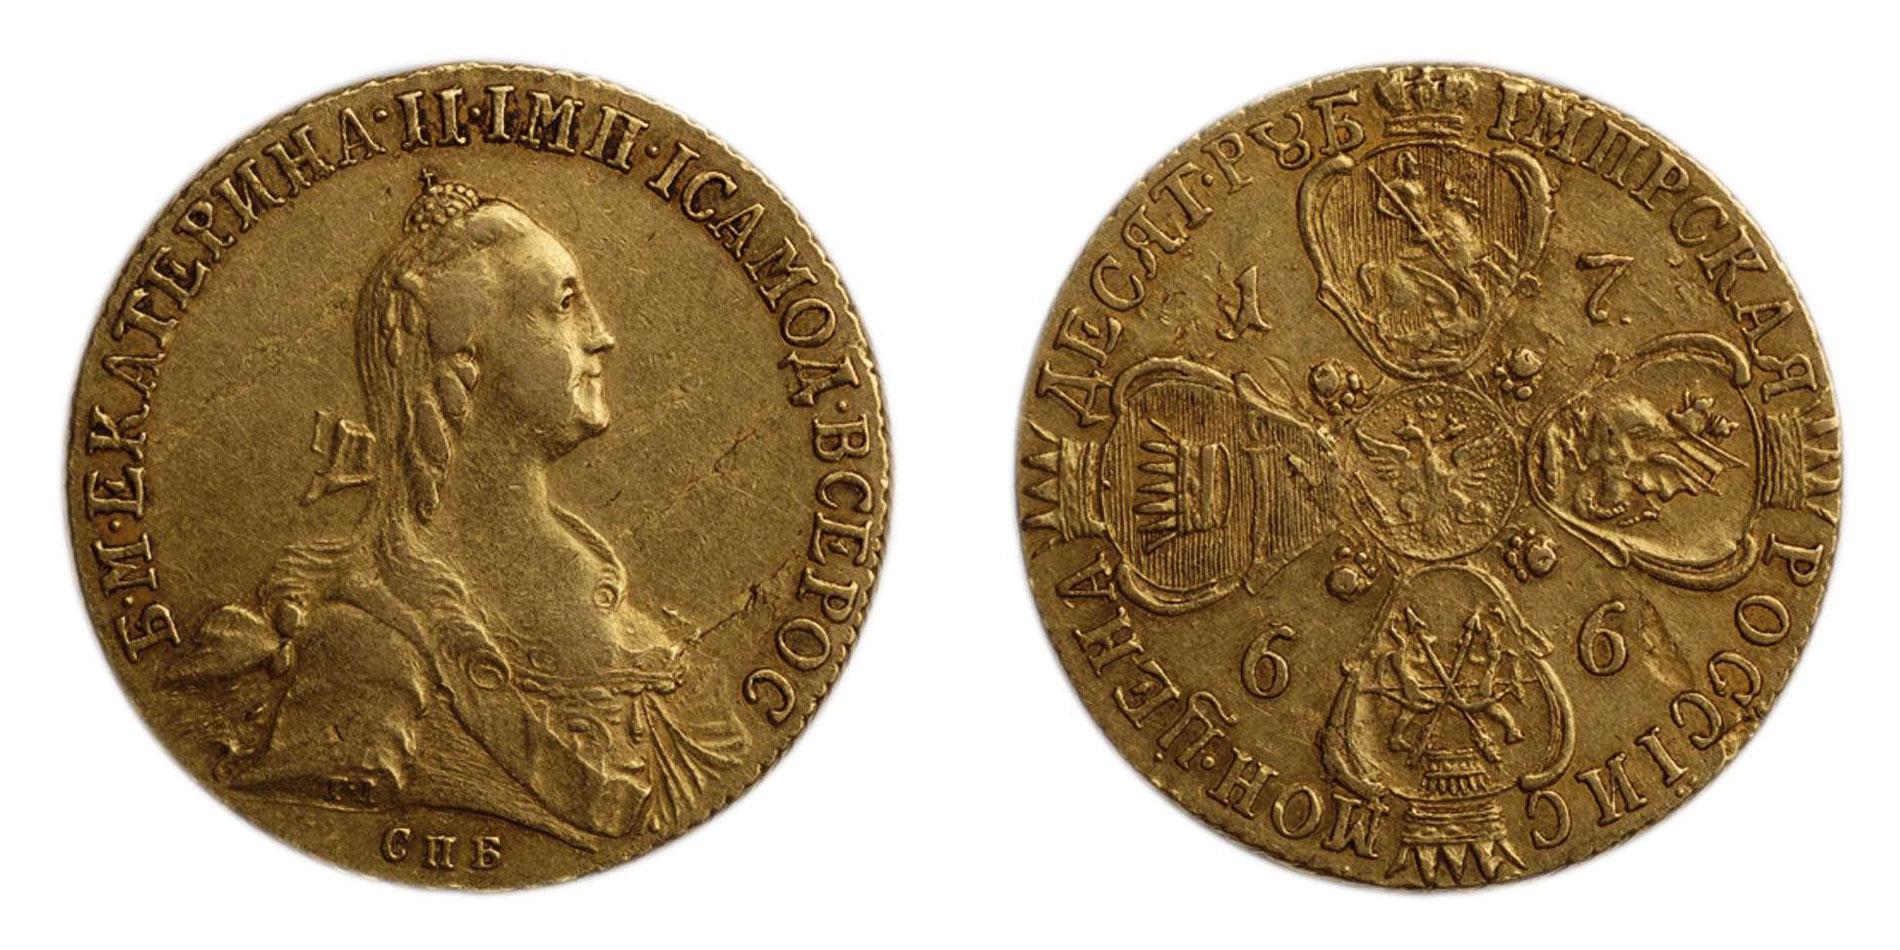 Монета это монета 2 копейки 1989 года стоимость цена